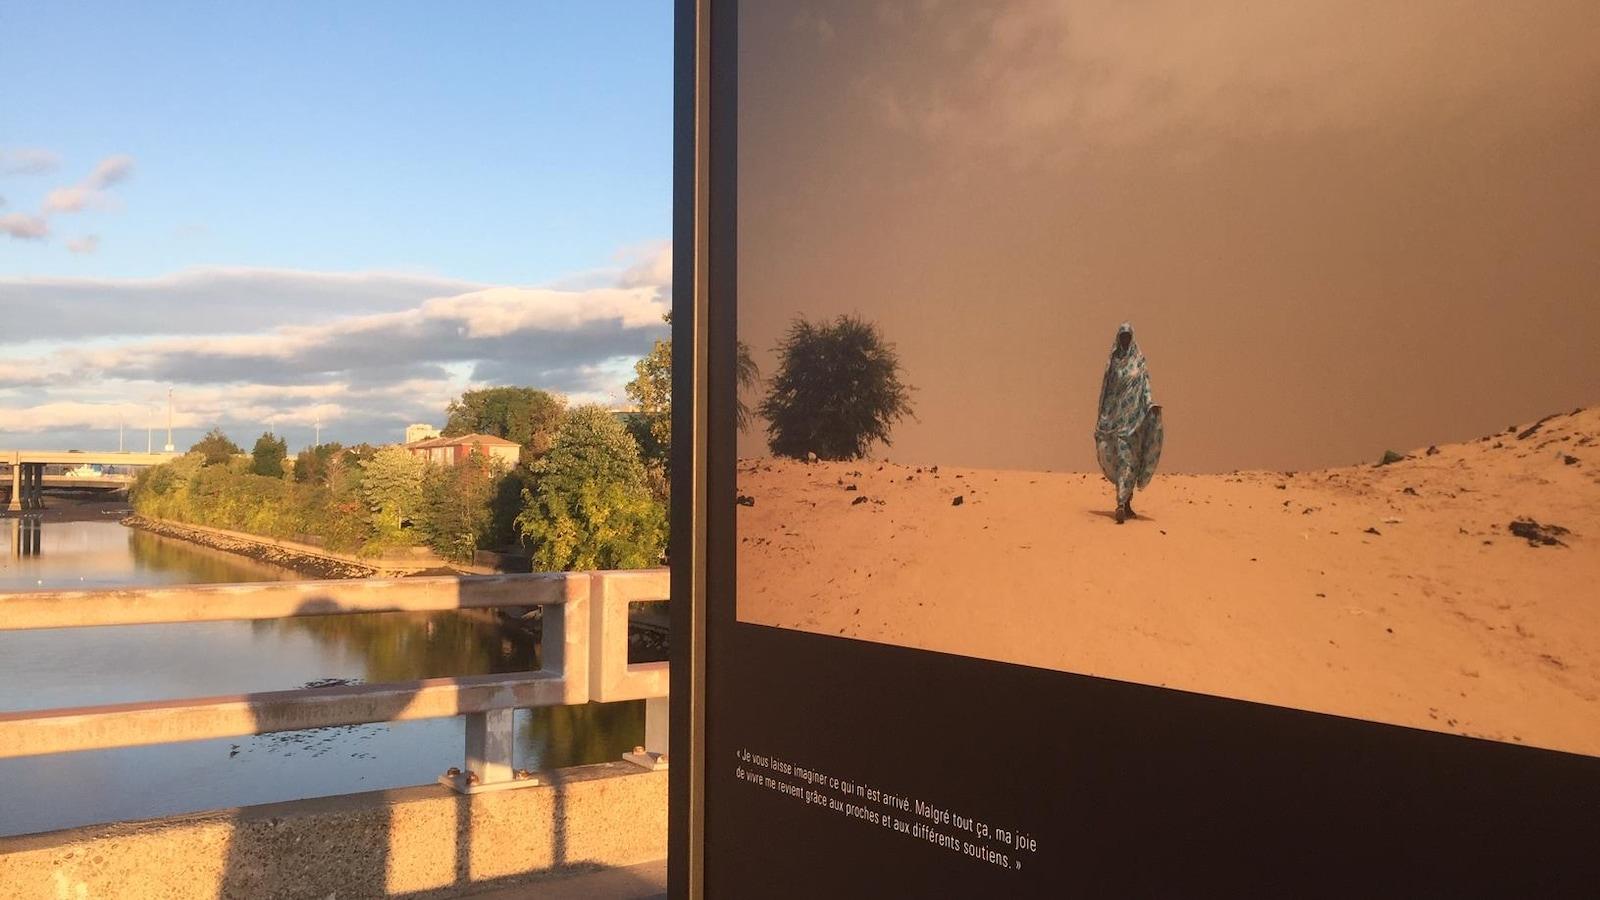 Sur un pont, un panneau montre la photo d'une femme qui marche dans le désert. Une citation de la femme est écrite sous la photo.